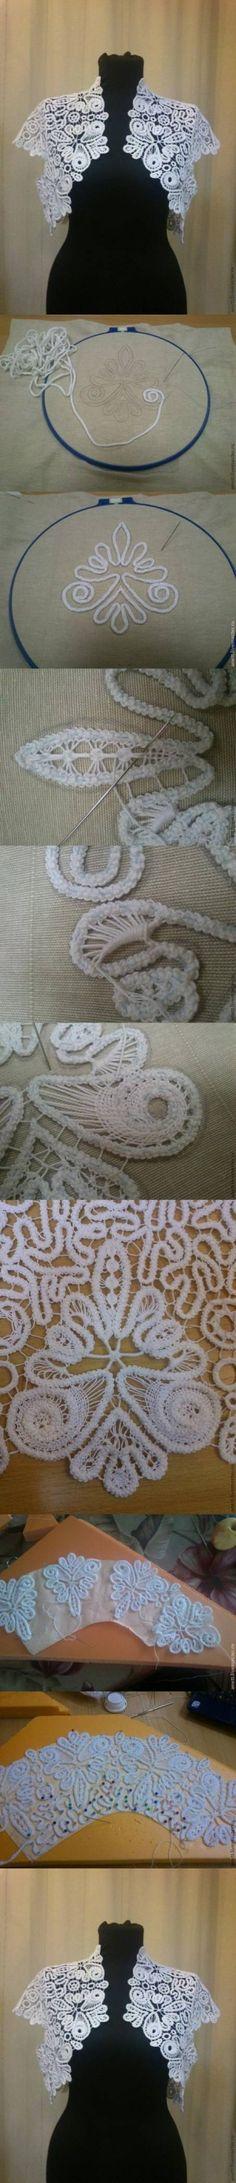 DIY Roemeense Kant DIY Roemeense Lace door diyforever